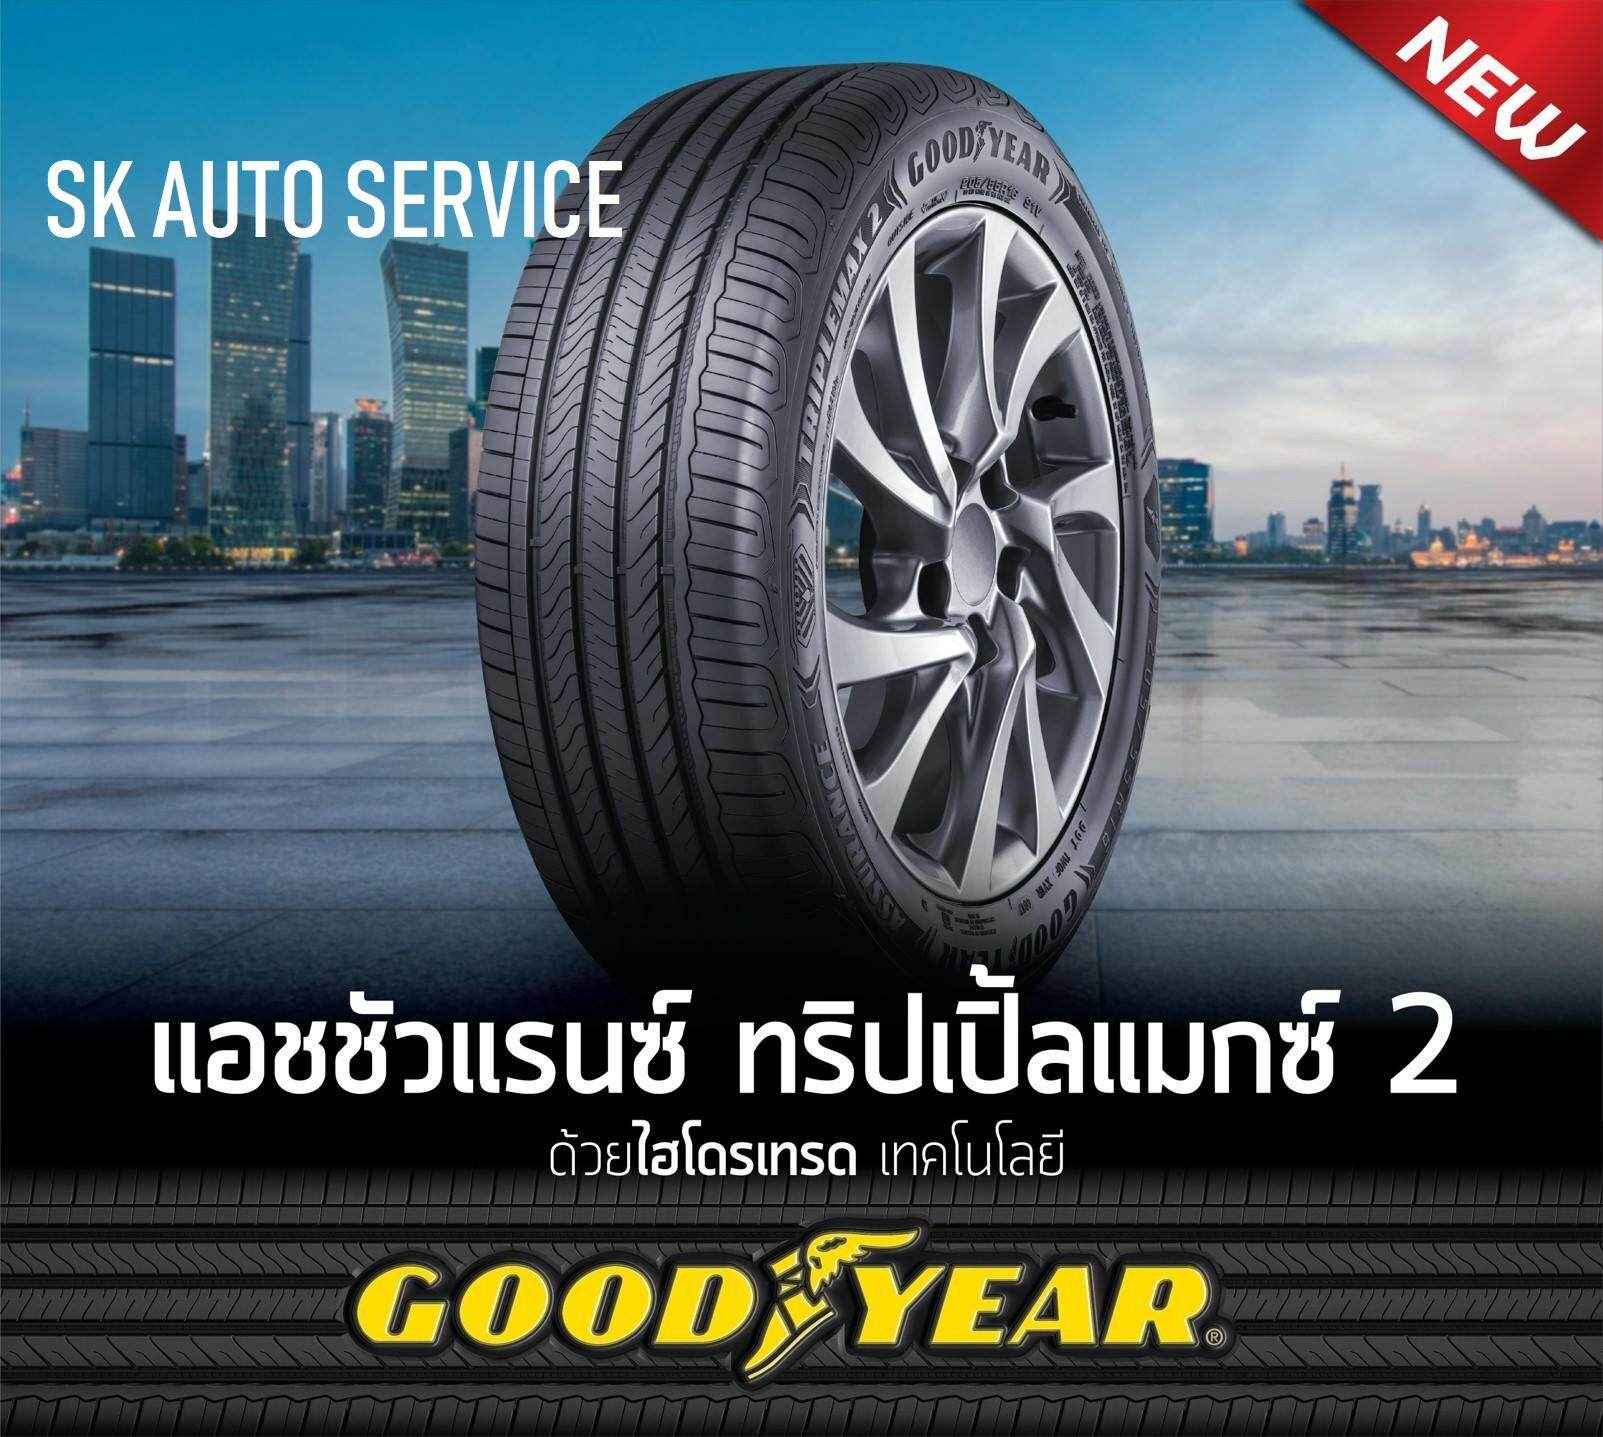 ประกันภัย รถยนต์ แบบ ผ่อน ได้ สตูล GOODYEAR ยางรถยนต์ (ล้อขอบ16) 195/50R16 รุ่น TRIPLEMAX2 4 เส้น (ยางใหม่กริ๊ปปี 2019)